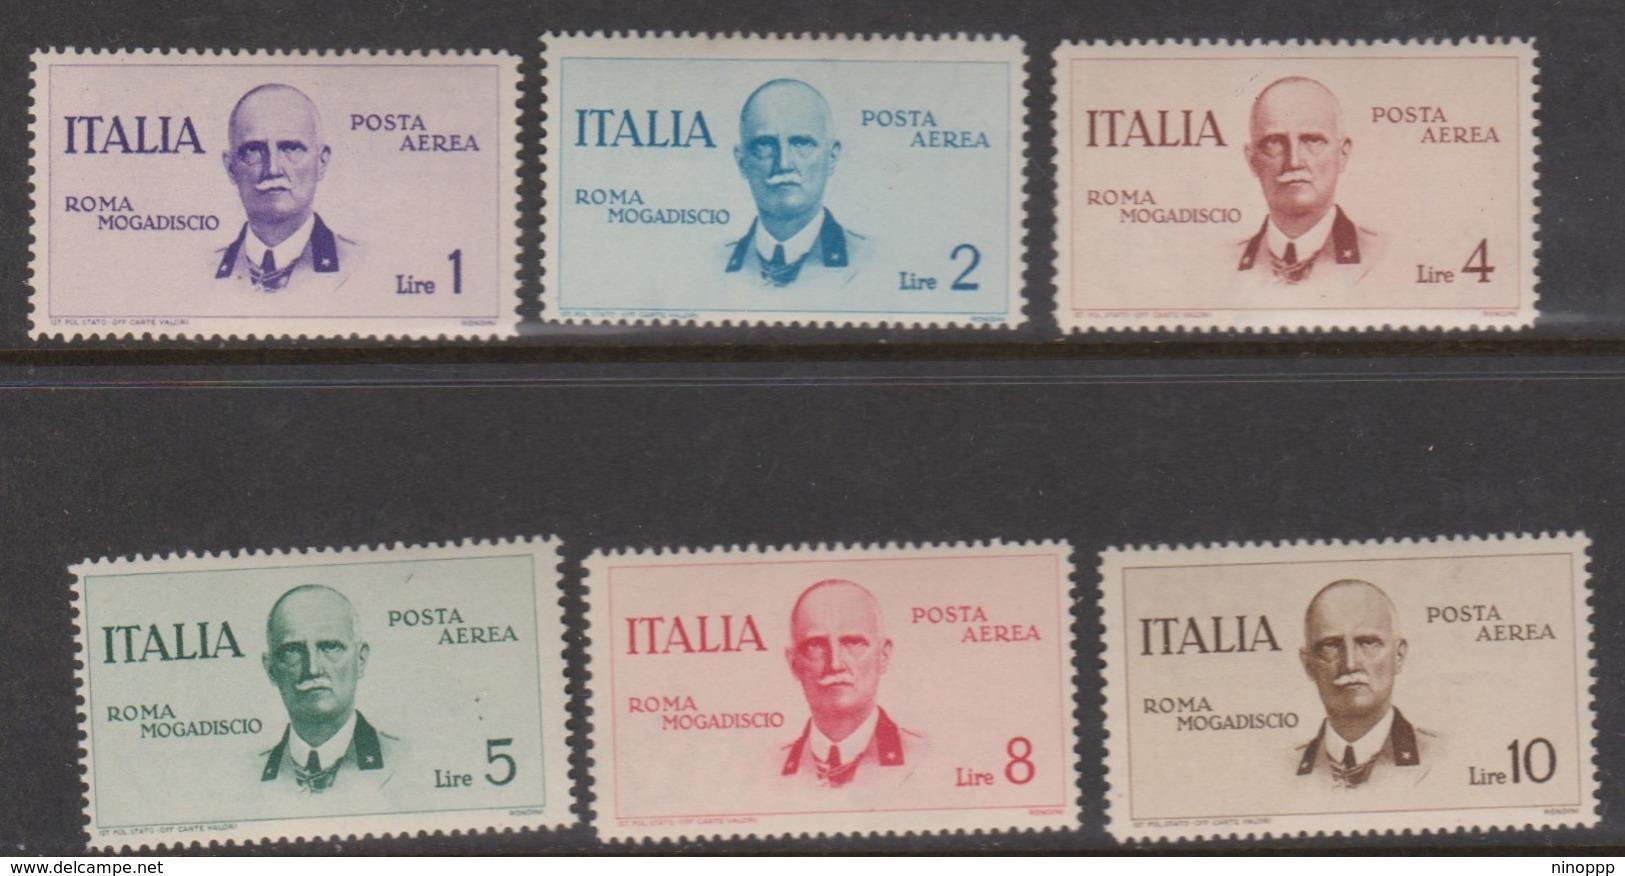 Italy PA 83-88 1934 First Flight Roma-Mogadiscio, Mint Hinged - Mint/hinged